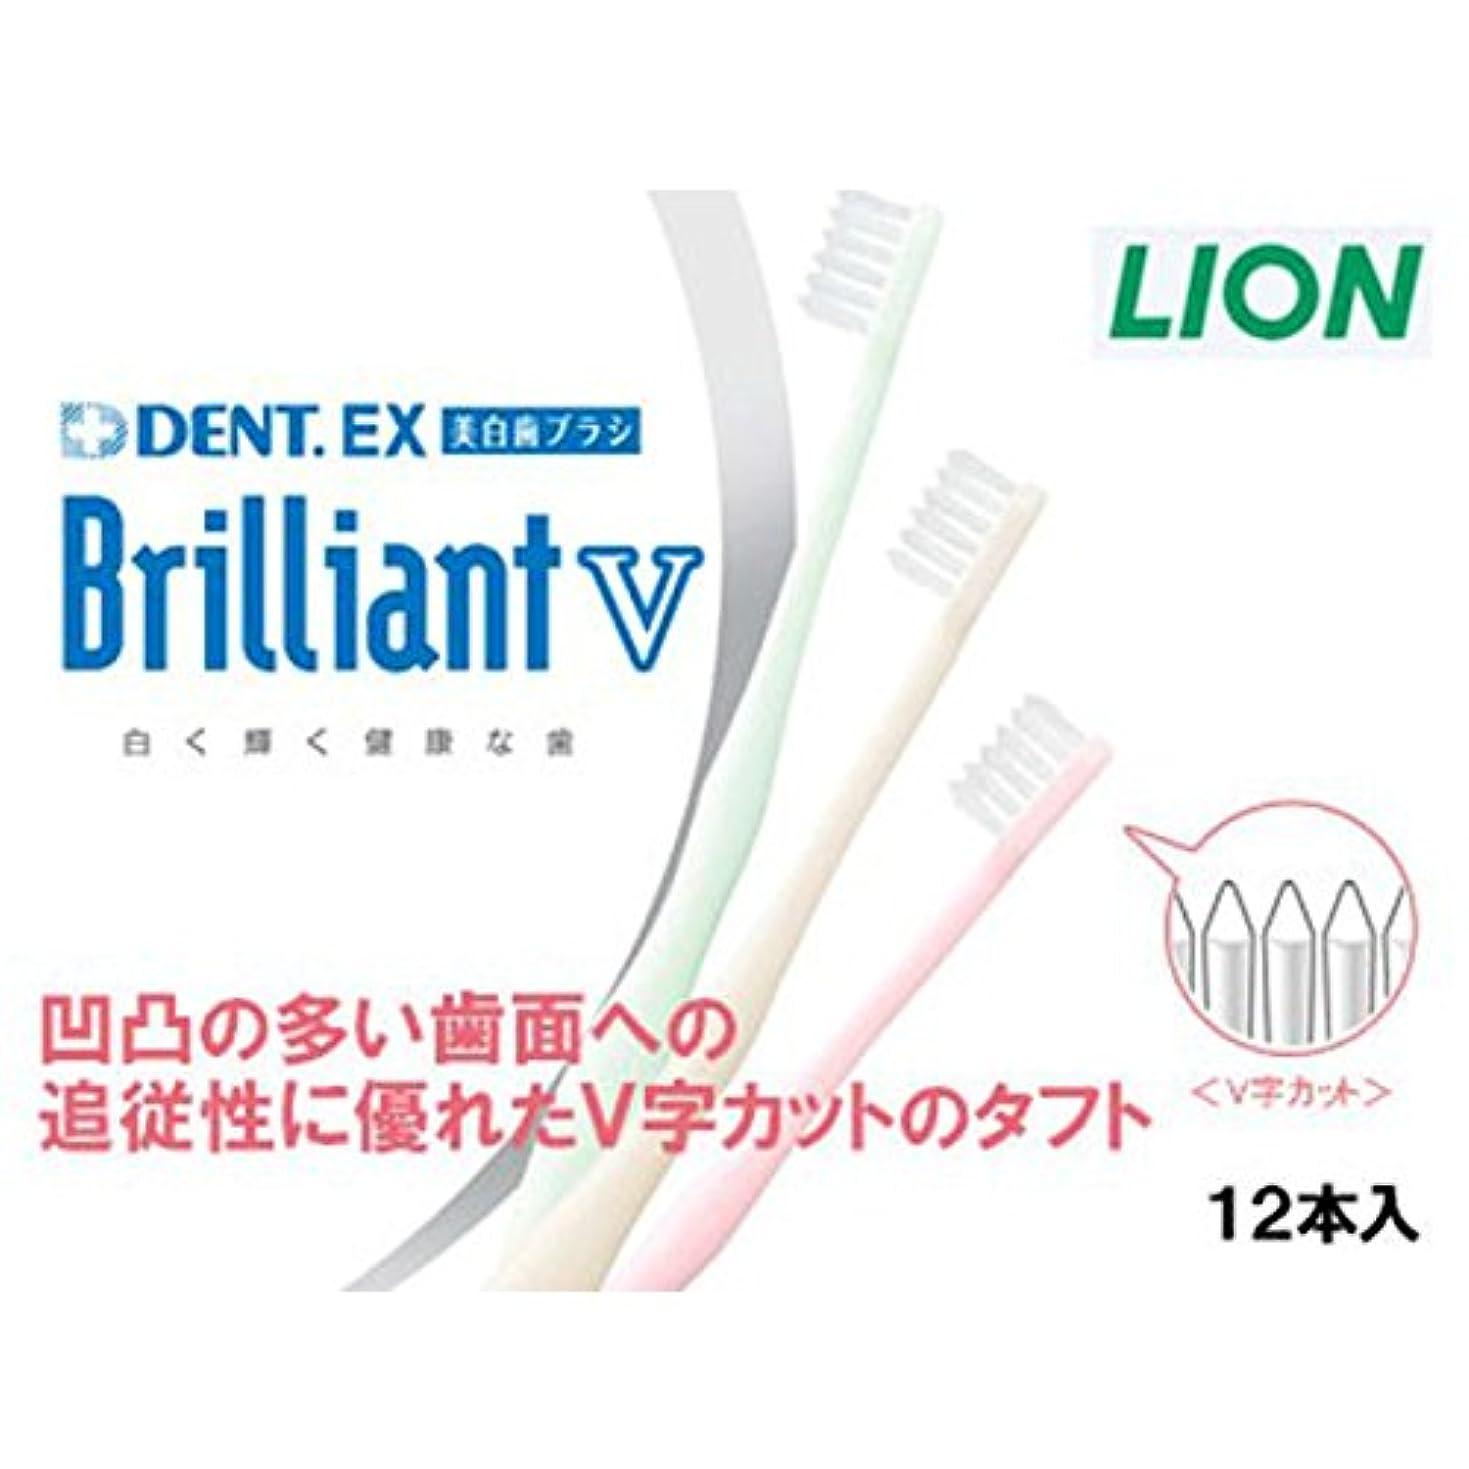 到着する印象蛾ライオン ブリリアントV 歯ブラシ DENT.EX BrilliantV 12本